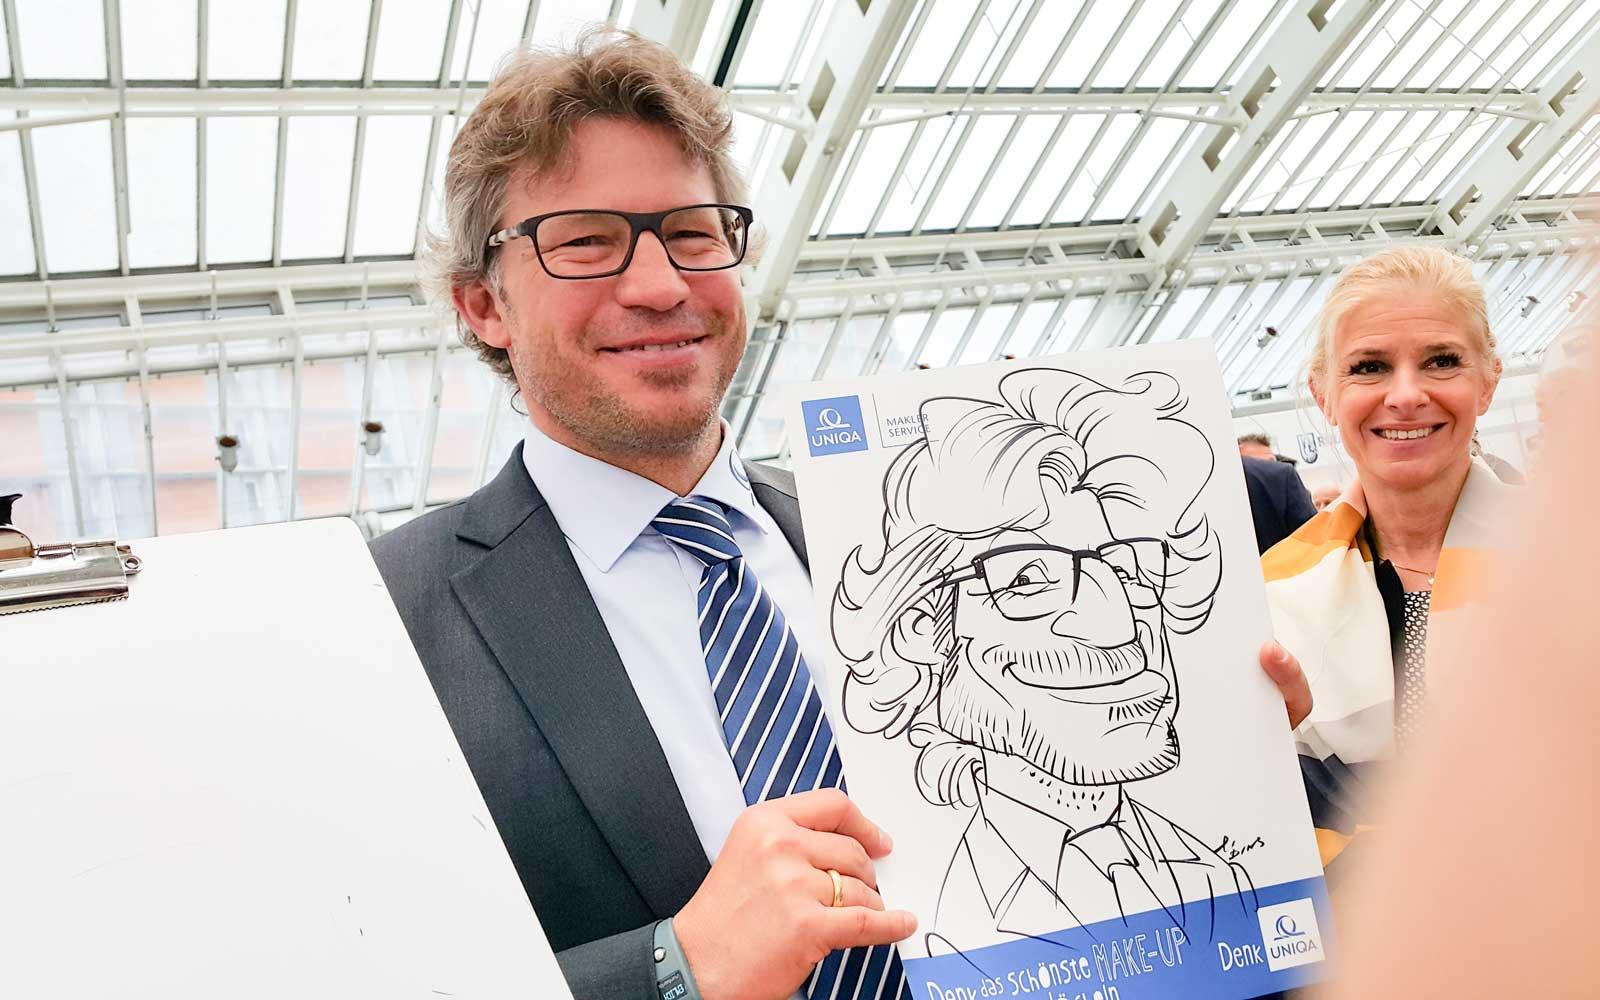 Karikaturist und Schnellzeichner für Messen in Graz